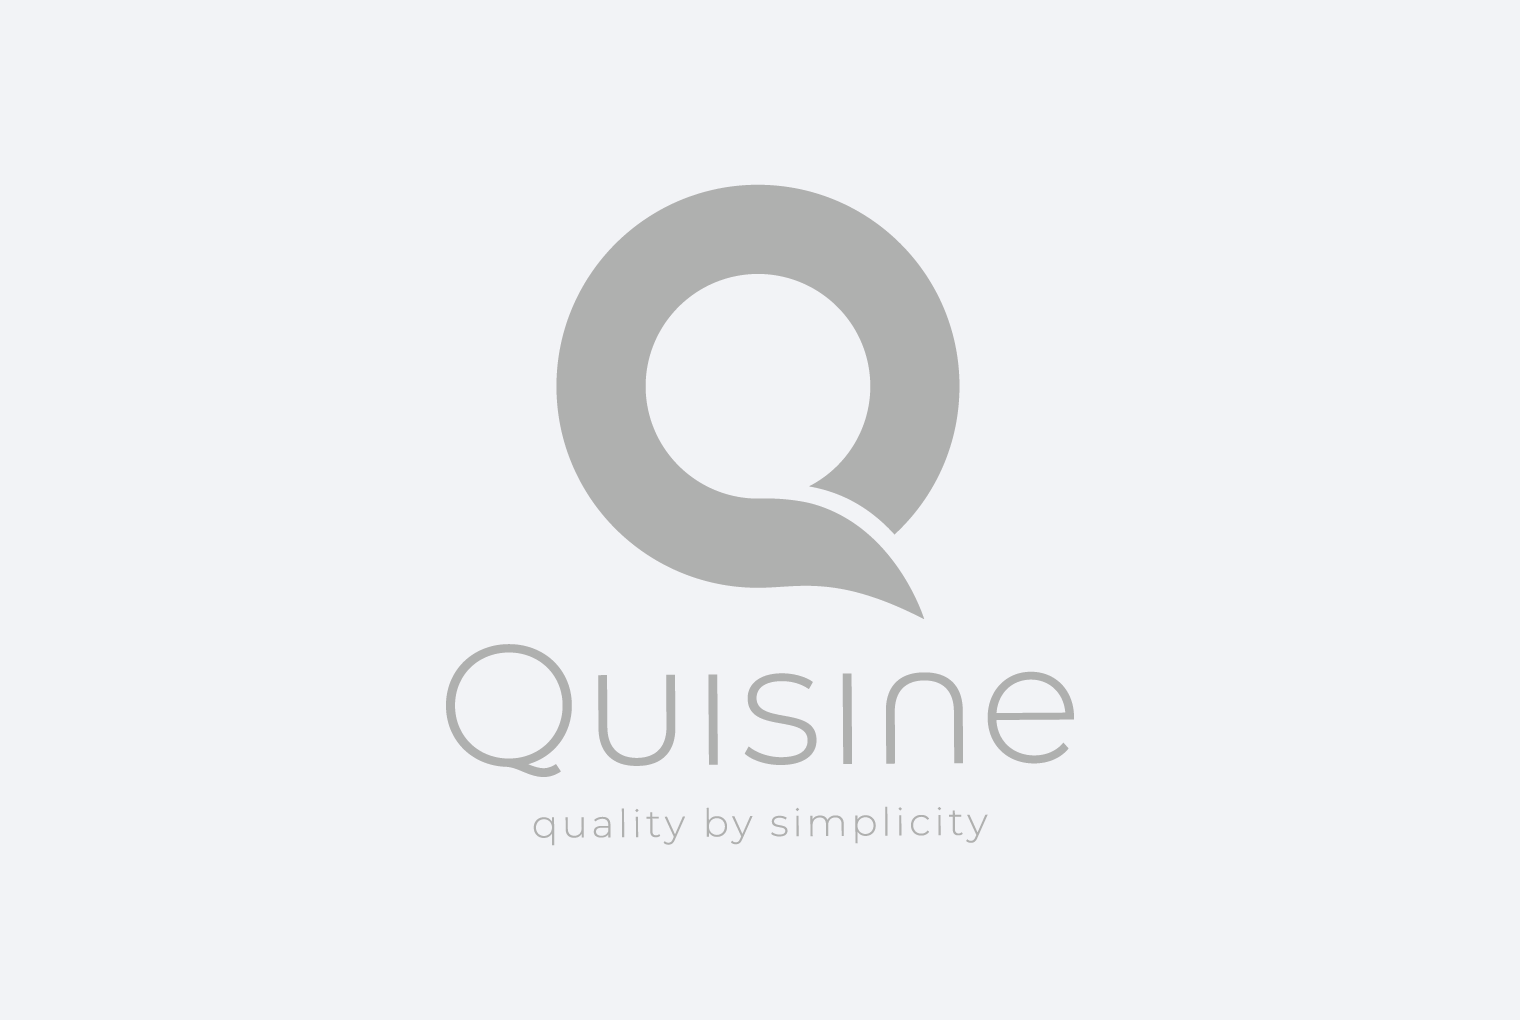 Questo werkt voor Quisine - Autobelettering